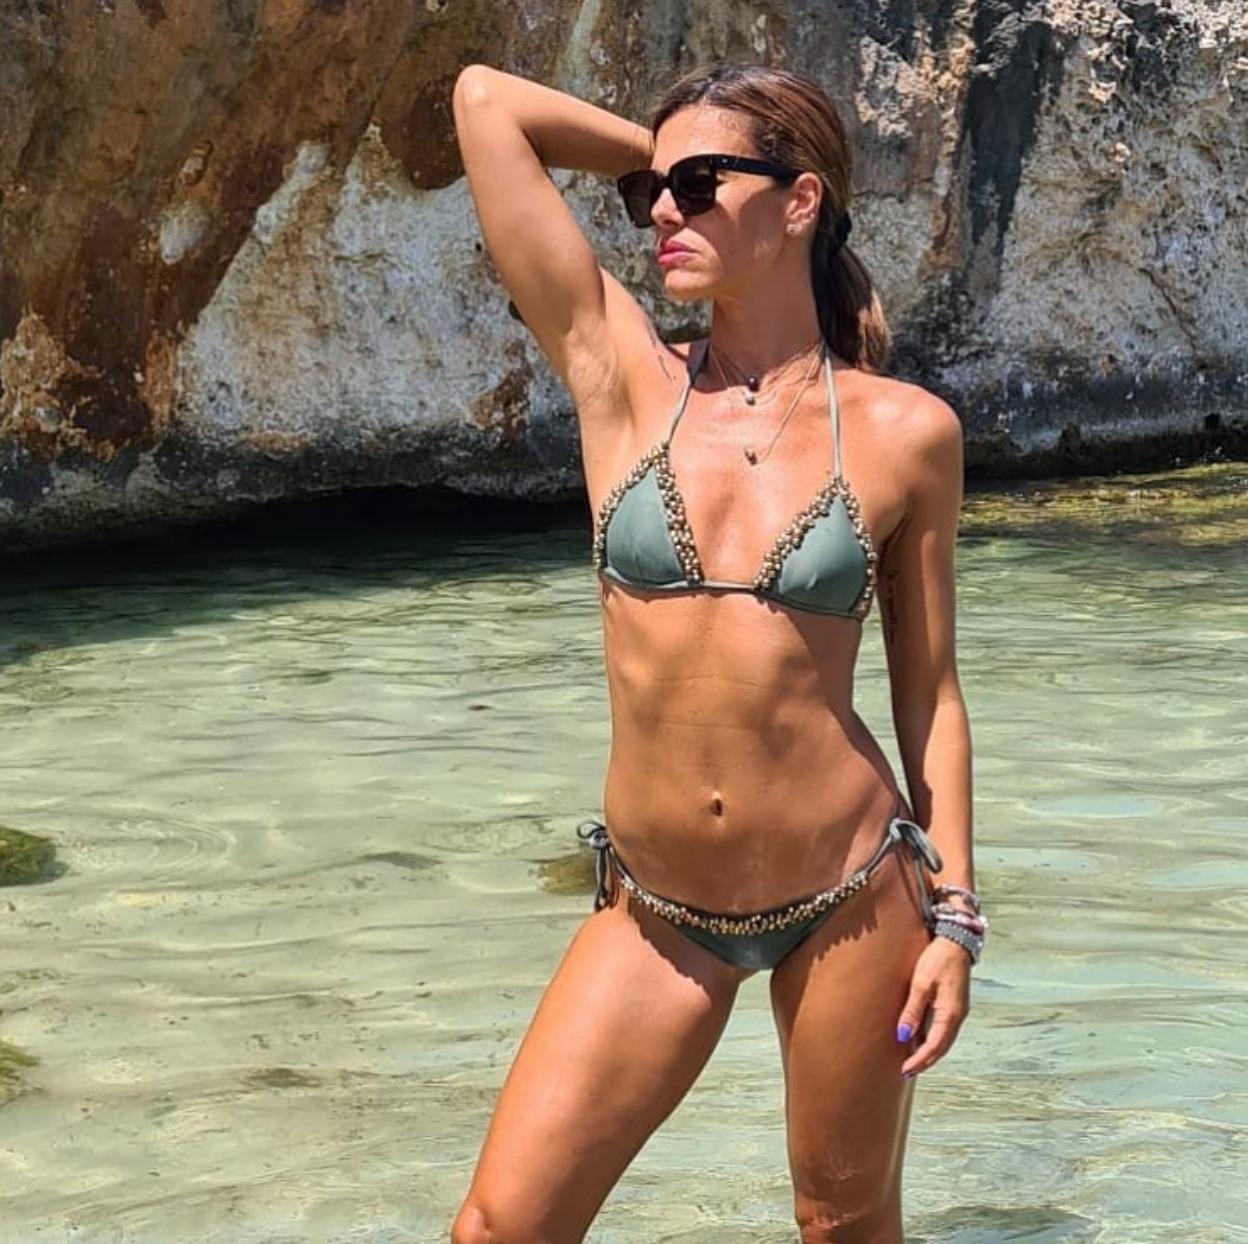 bianca guaccero mare fisico bikini linea